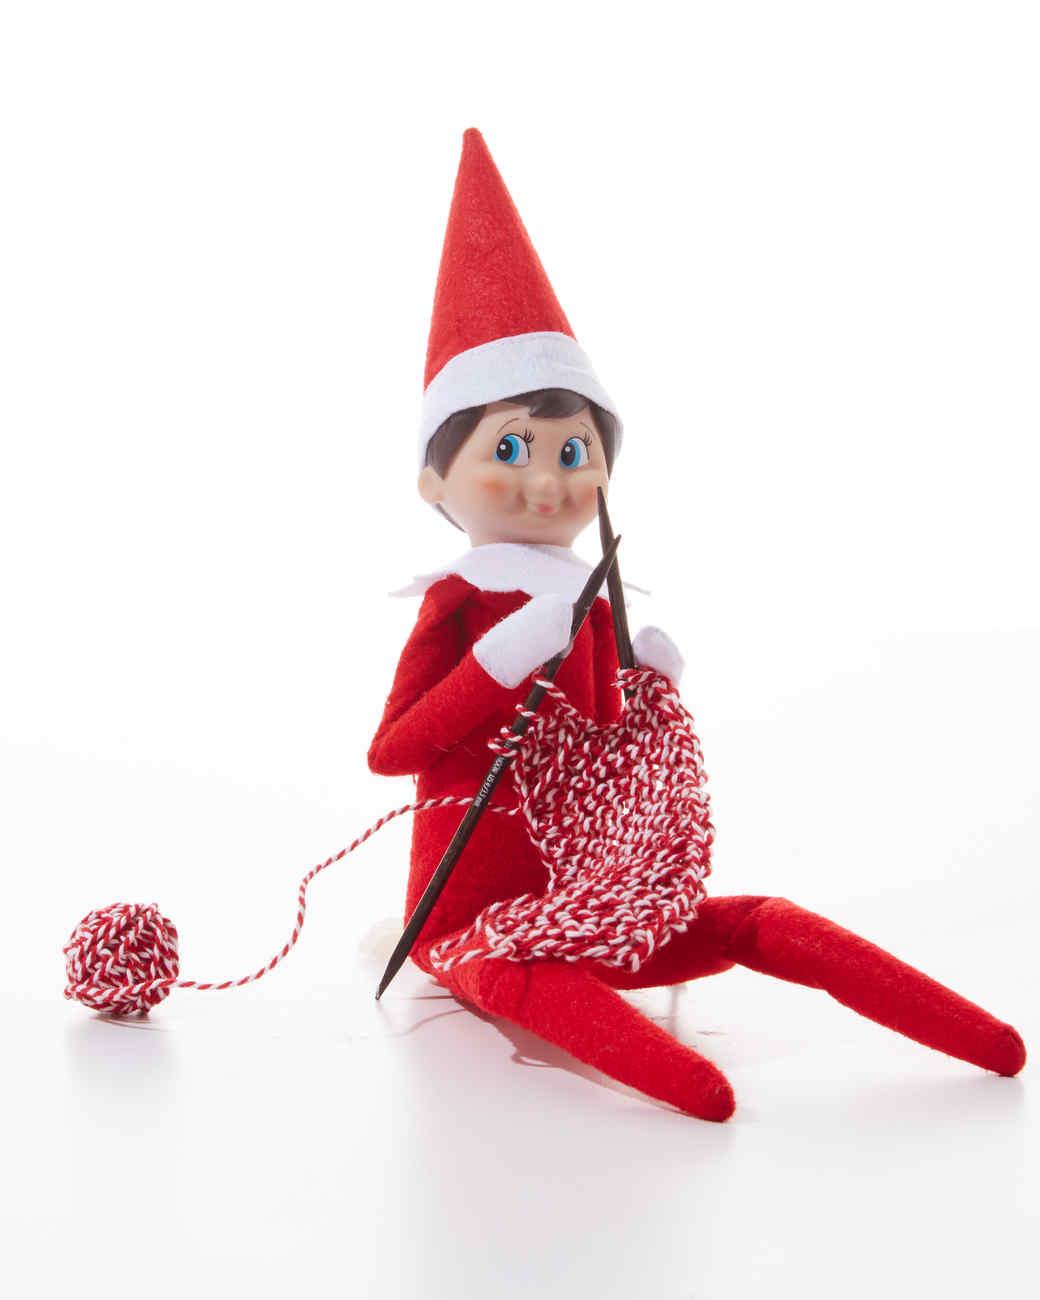 elf-on-shelf-knitting-0131-d112640-1215.jpg